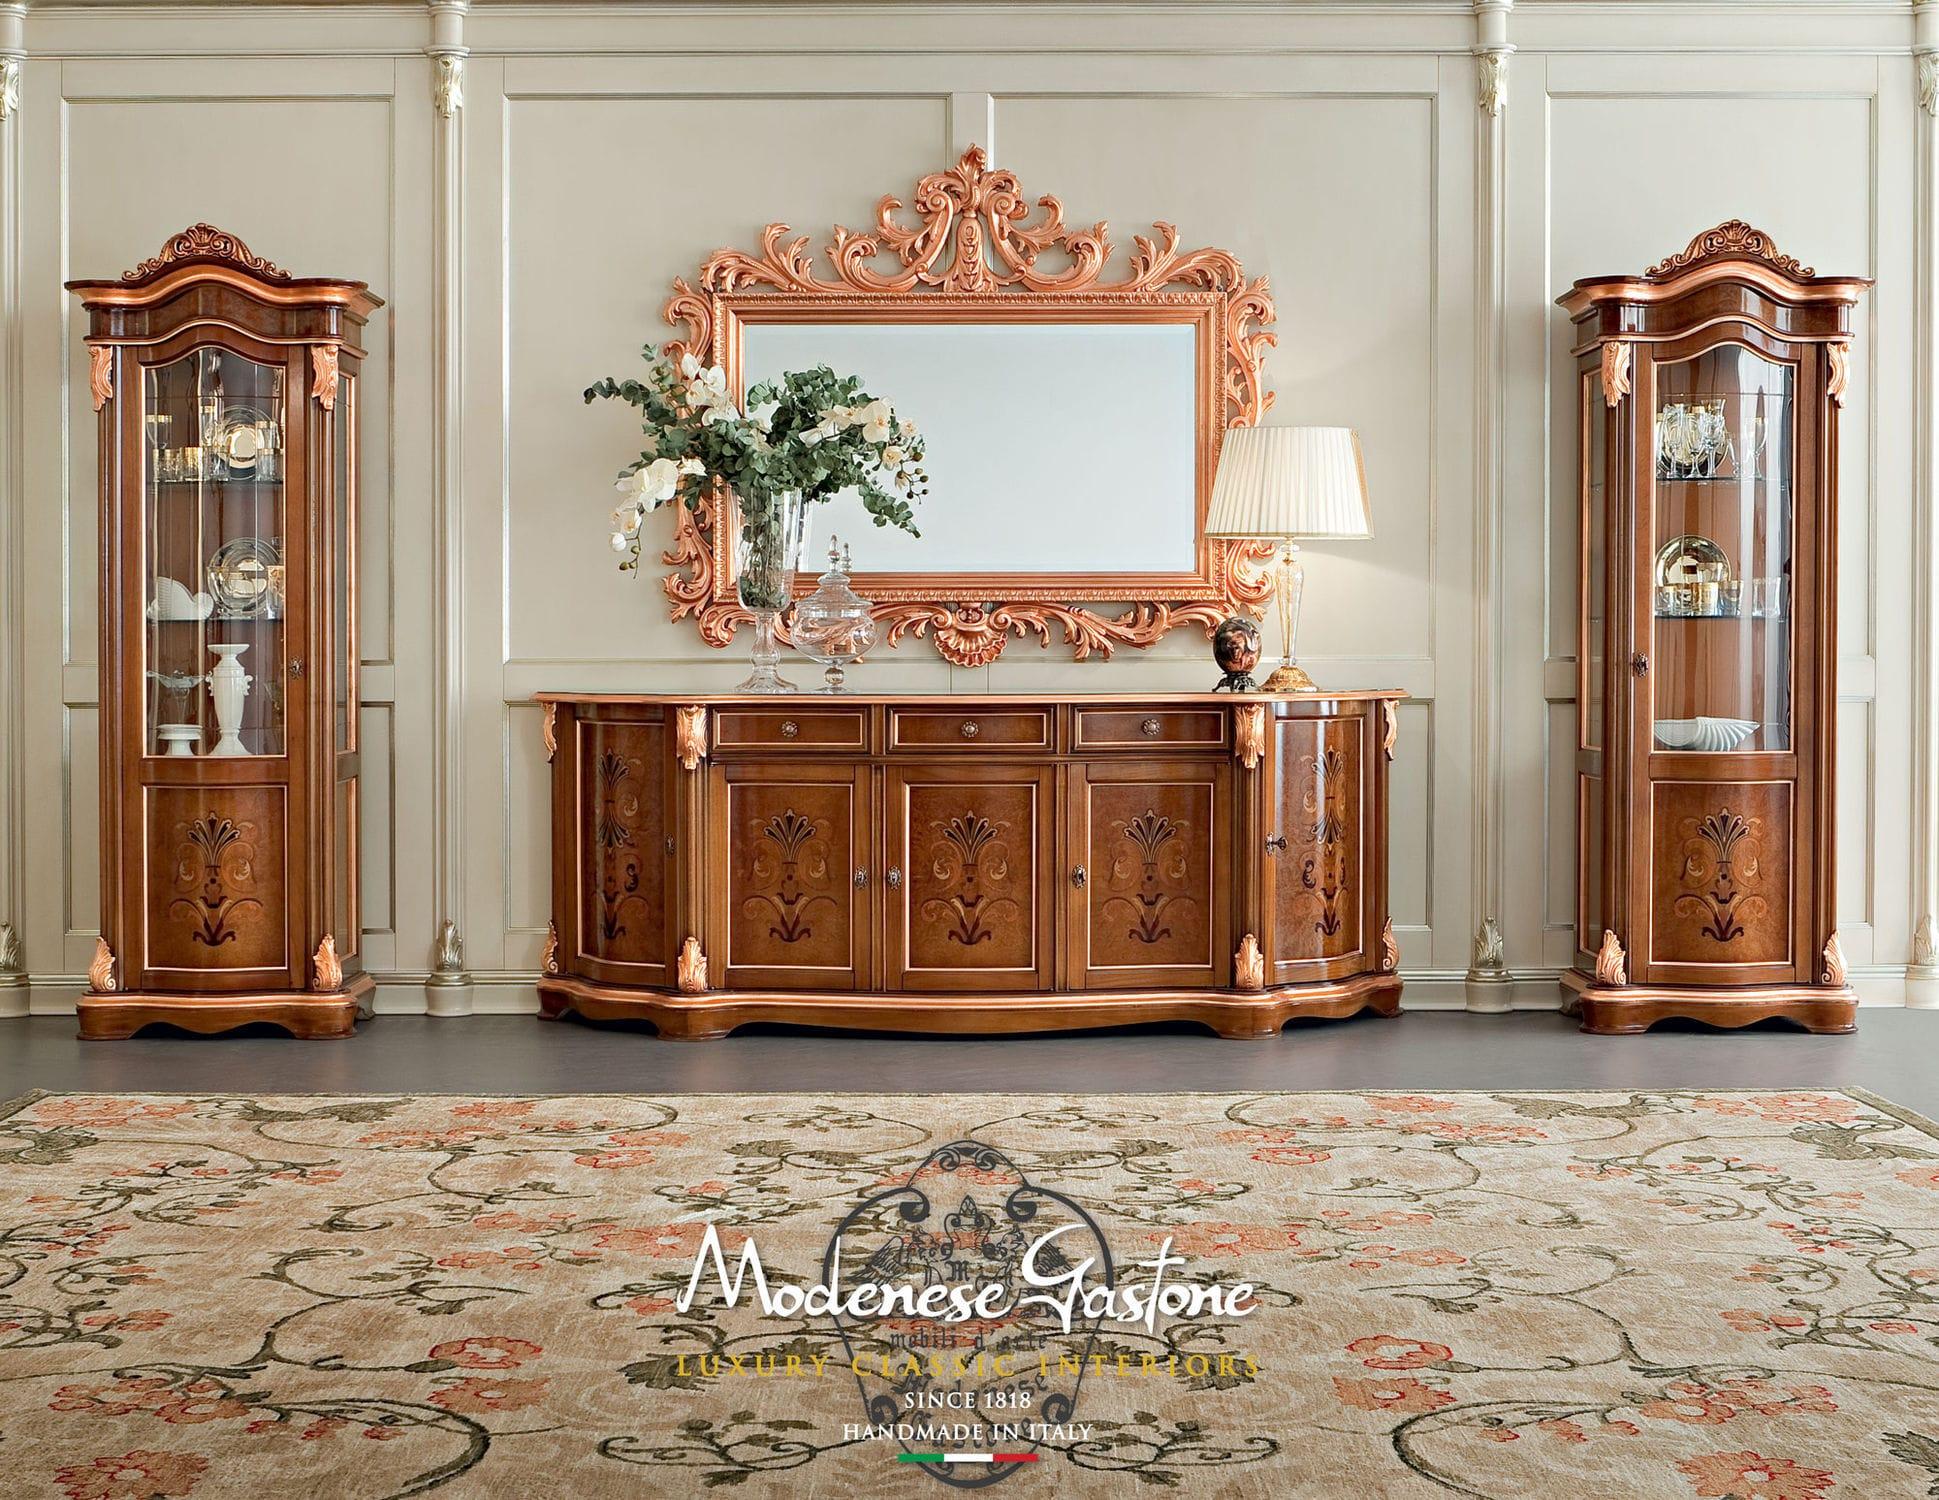 La Bella Vita Credenza : Credenza in stile legno bella vita modenese interiors